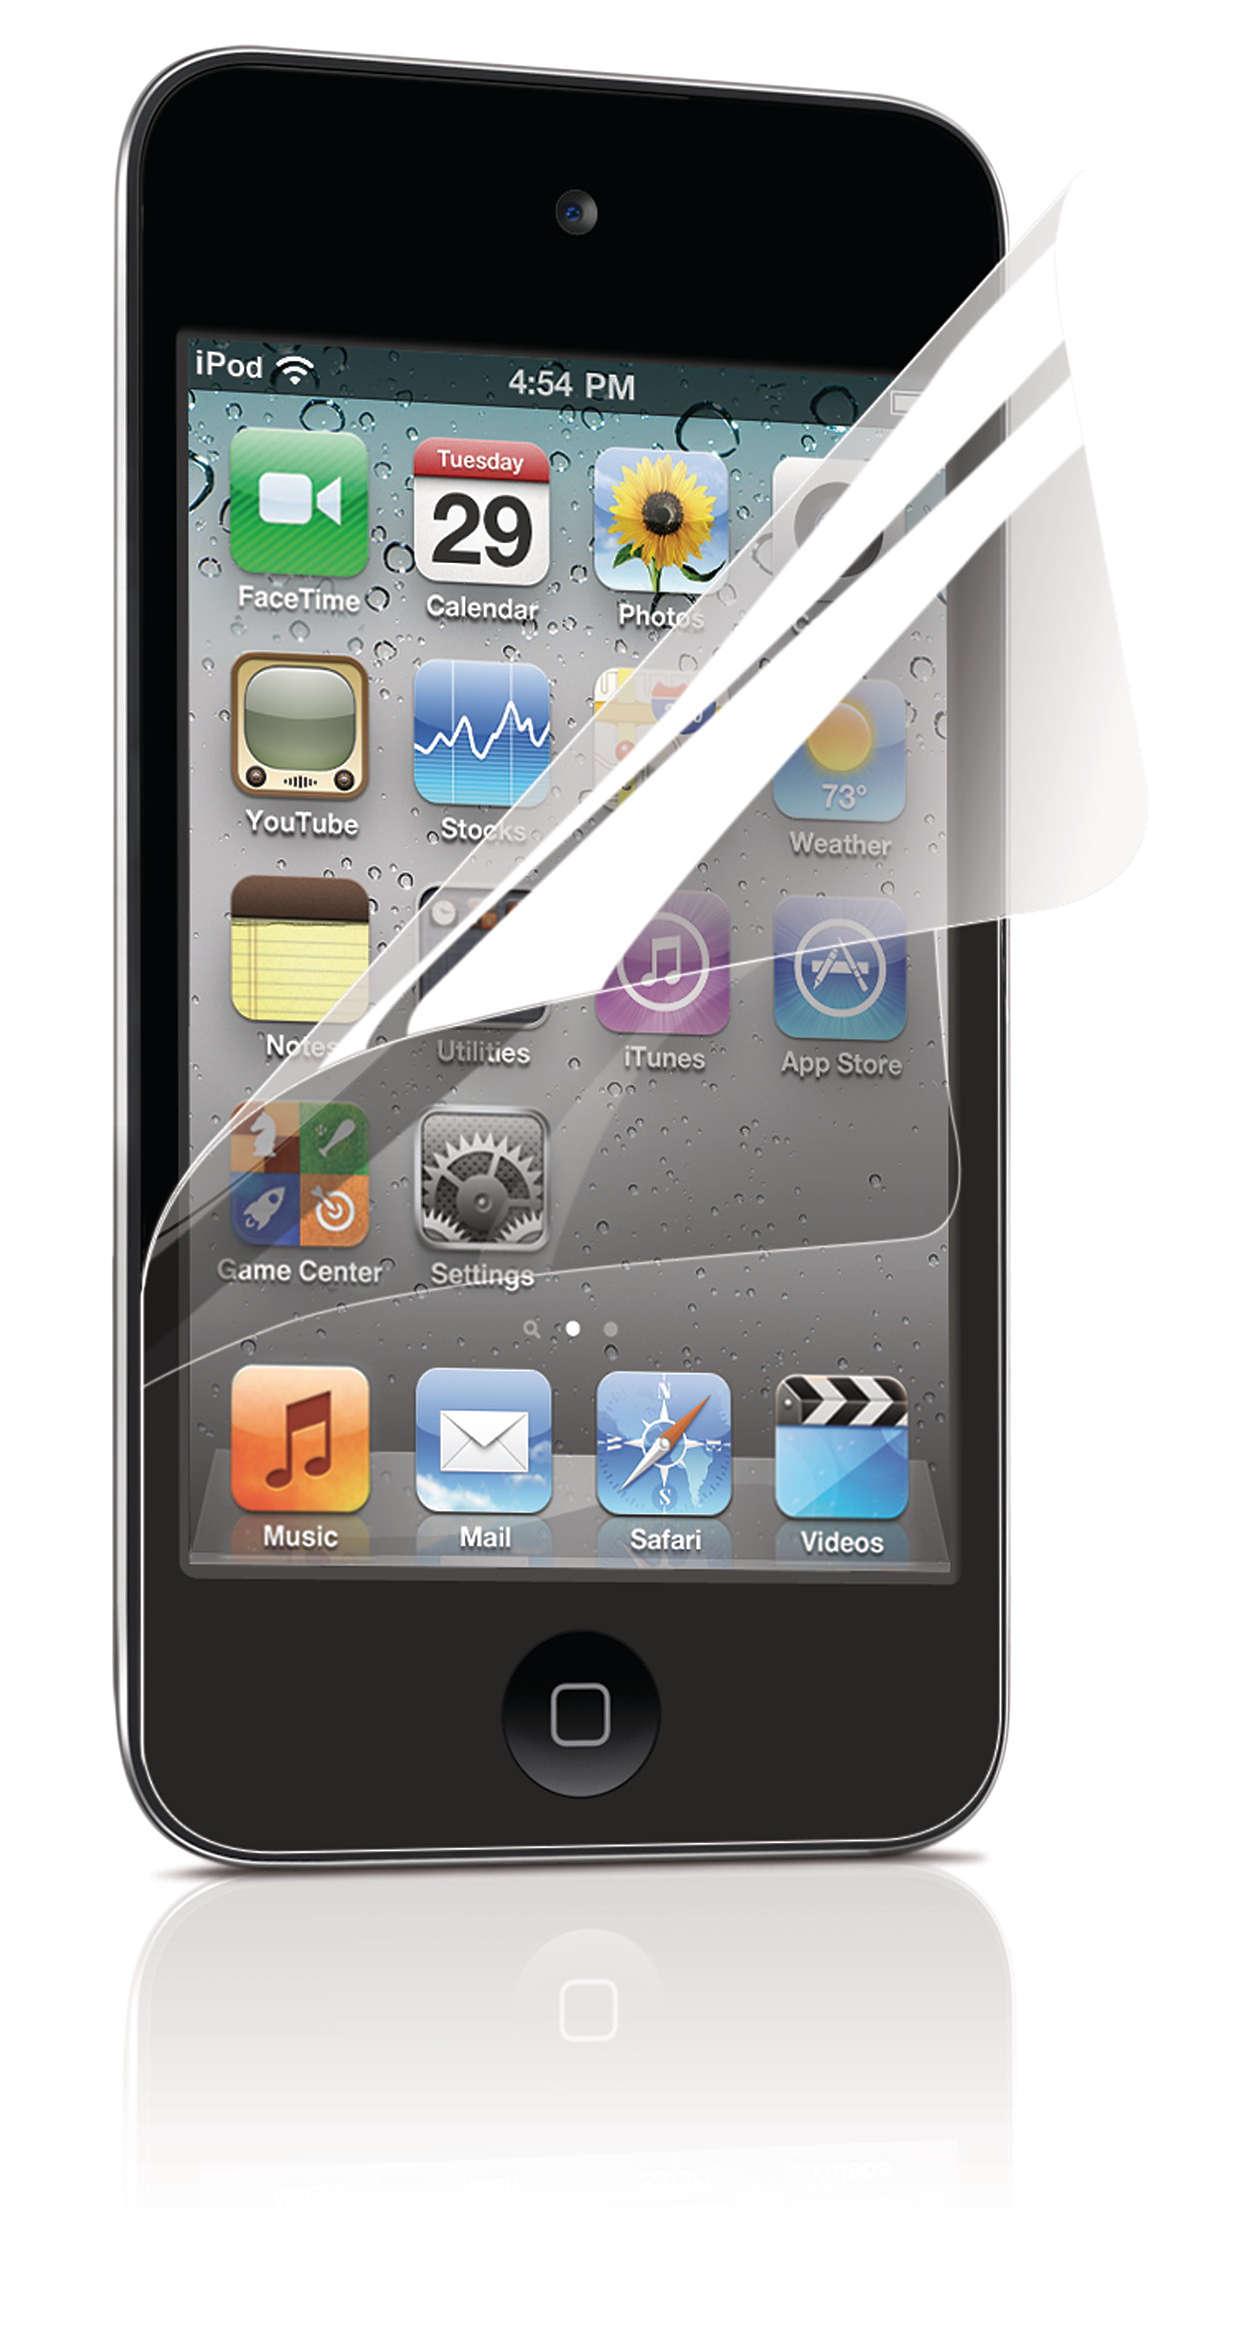 Protege la pantalla de tu iPod